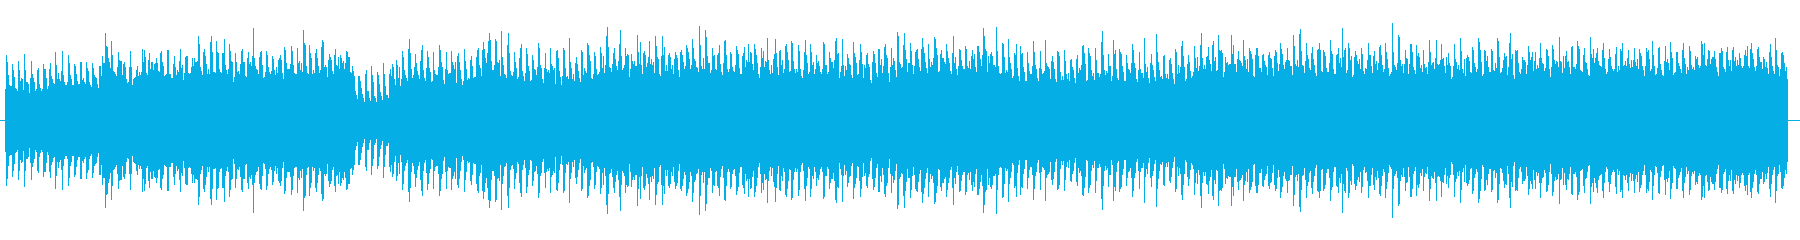 四つ打ちのダンスロックミュージックの再生済みの波形